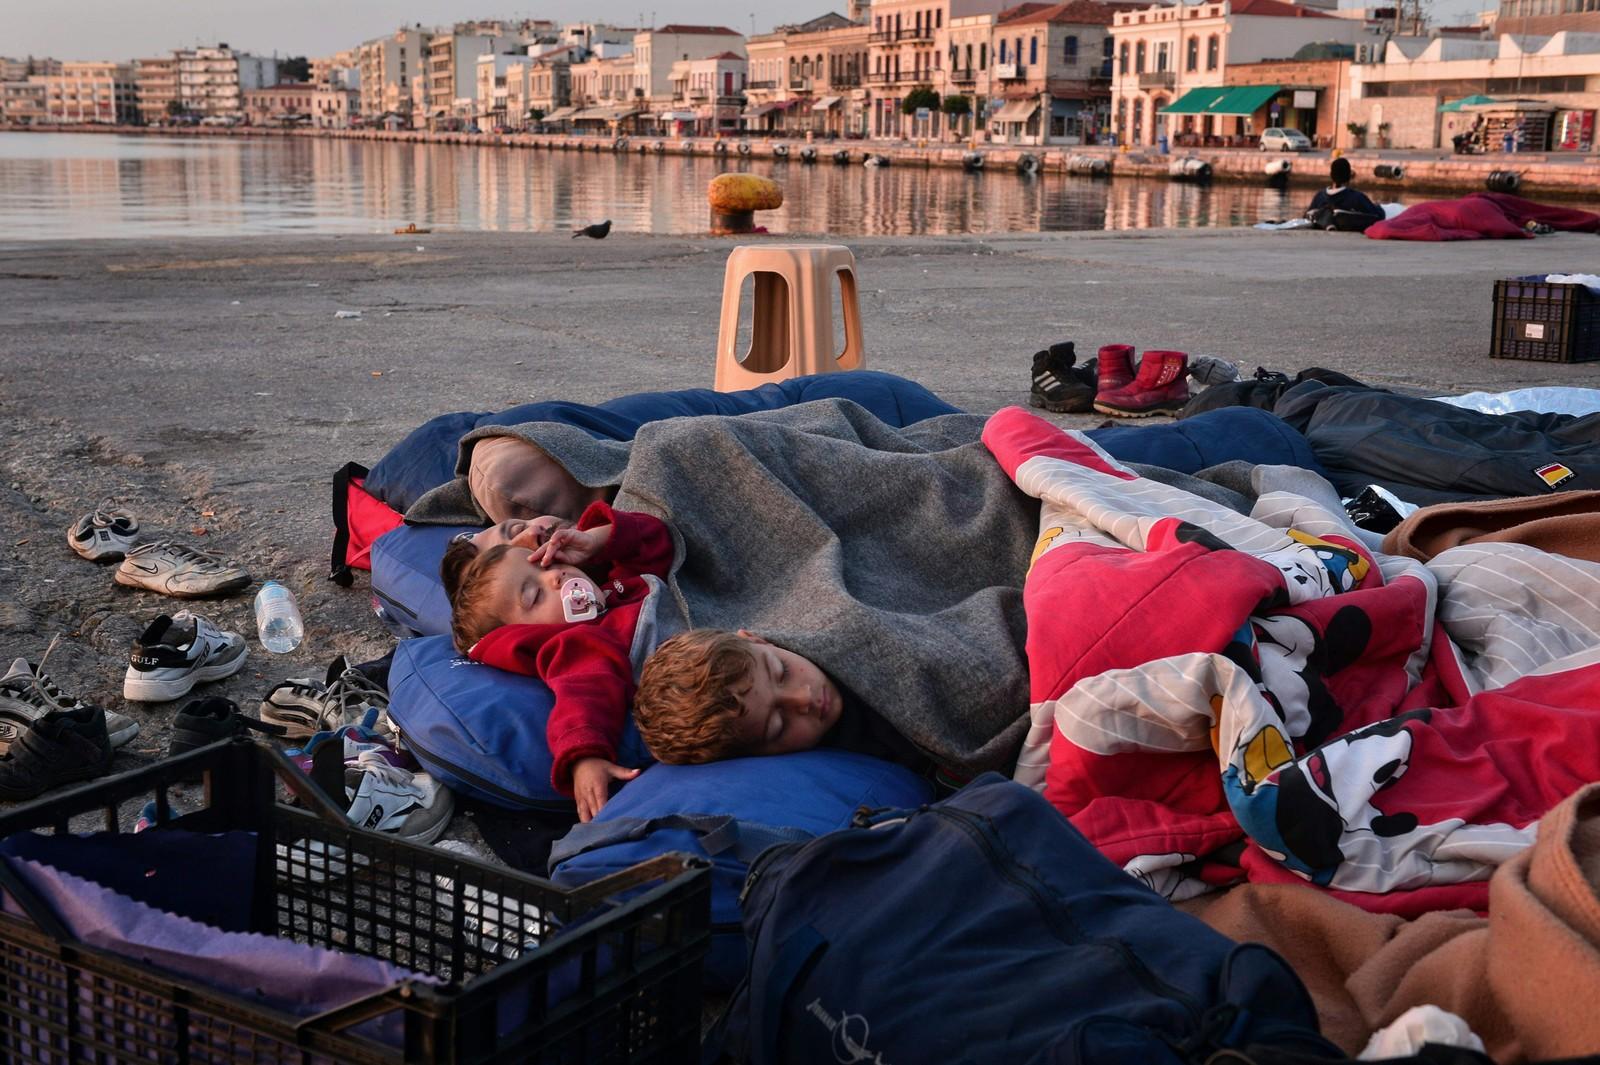 Flyktninger og migranter som har klart å unnslippe leiren Vial har slått seg ned på havnen i Chios. Barna sover ute.